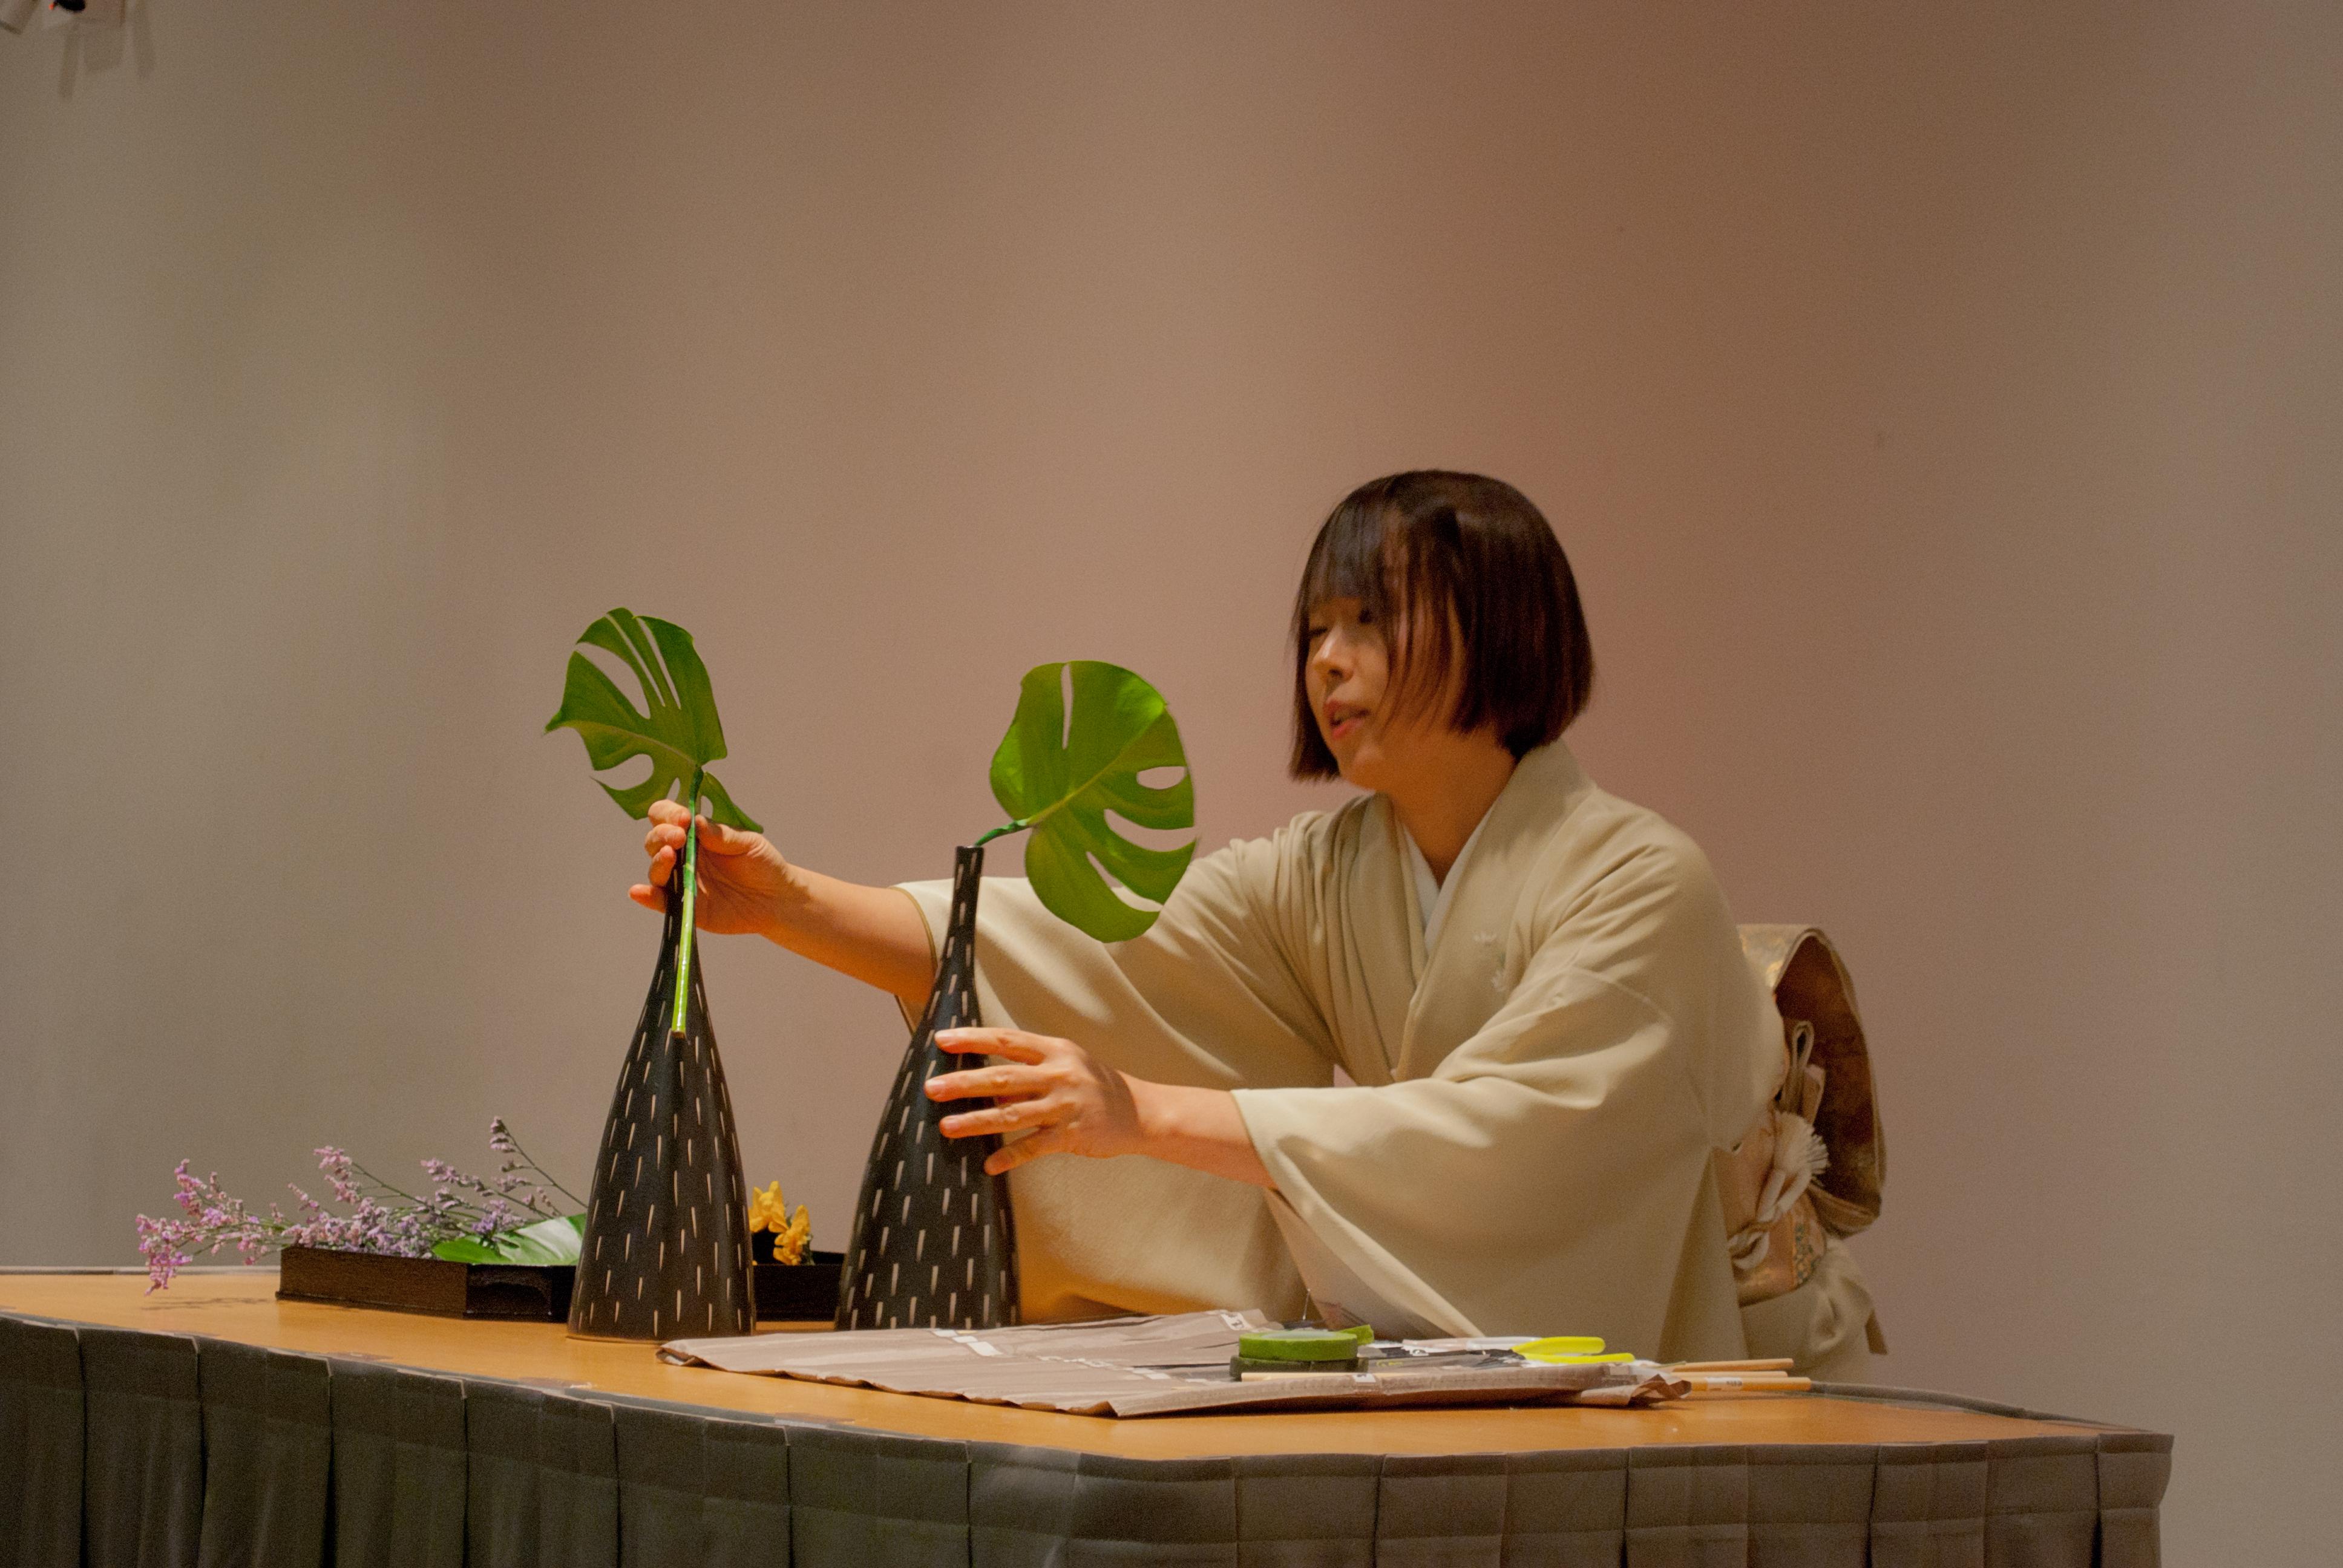 Ikebana demonstration professors kurashige komiya and - Chicago flower and garden show 2017 ...